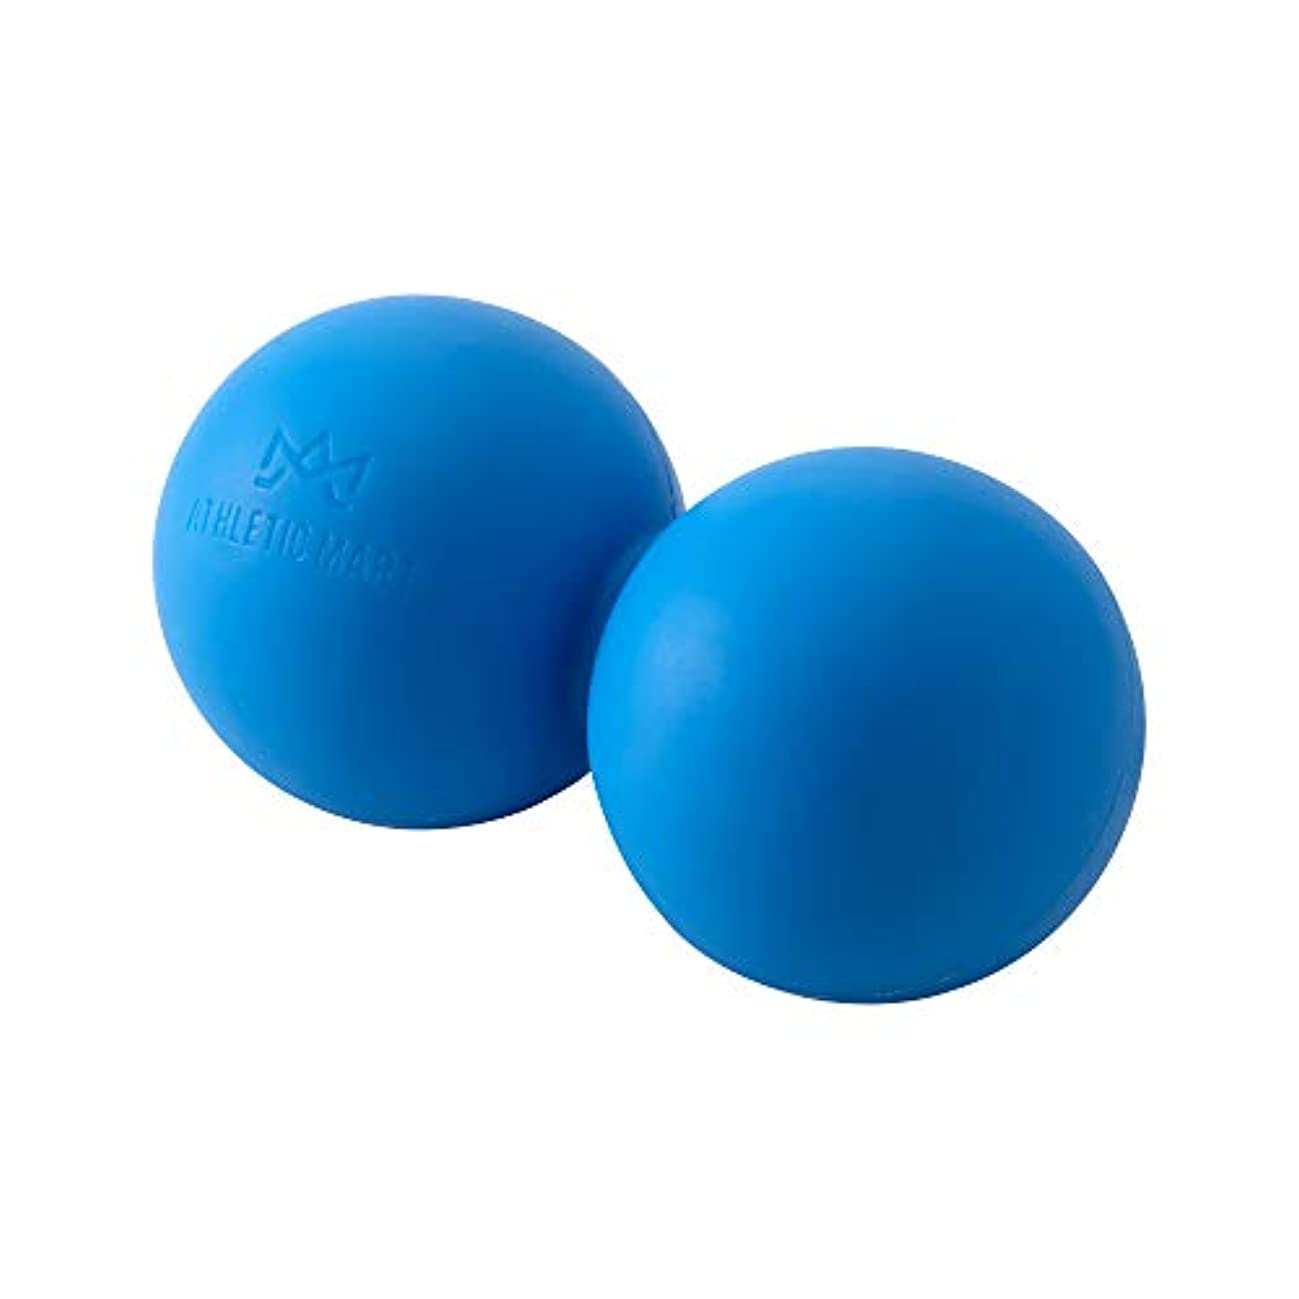 ますます季節札入れATHLETIC MART ピーナッツ型ストレッチボール マッサージボール ラクロスボール2個サイズ ツボ押し (ブルー)